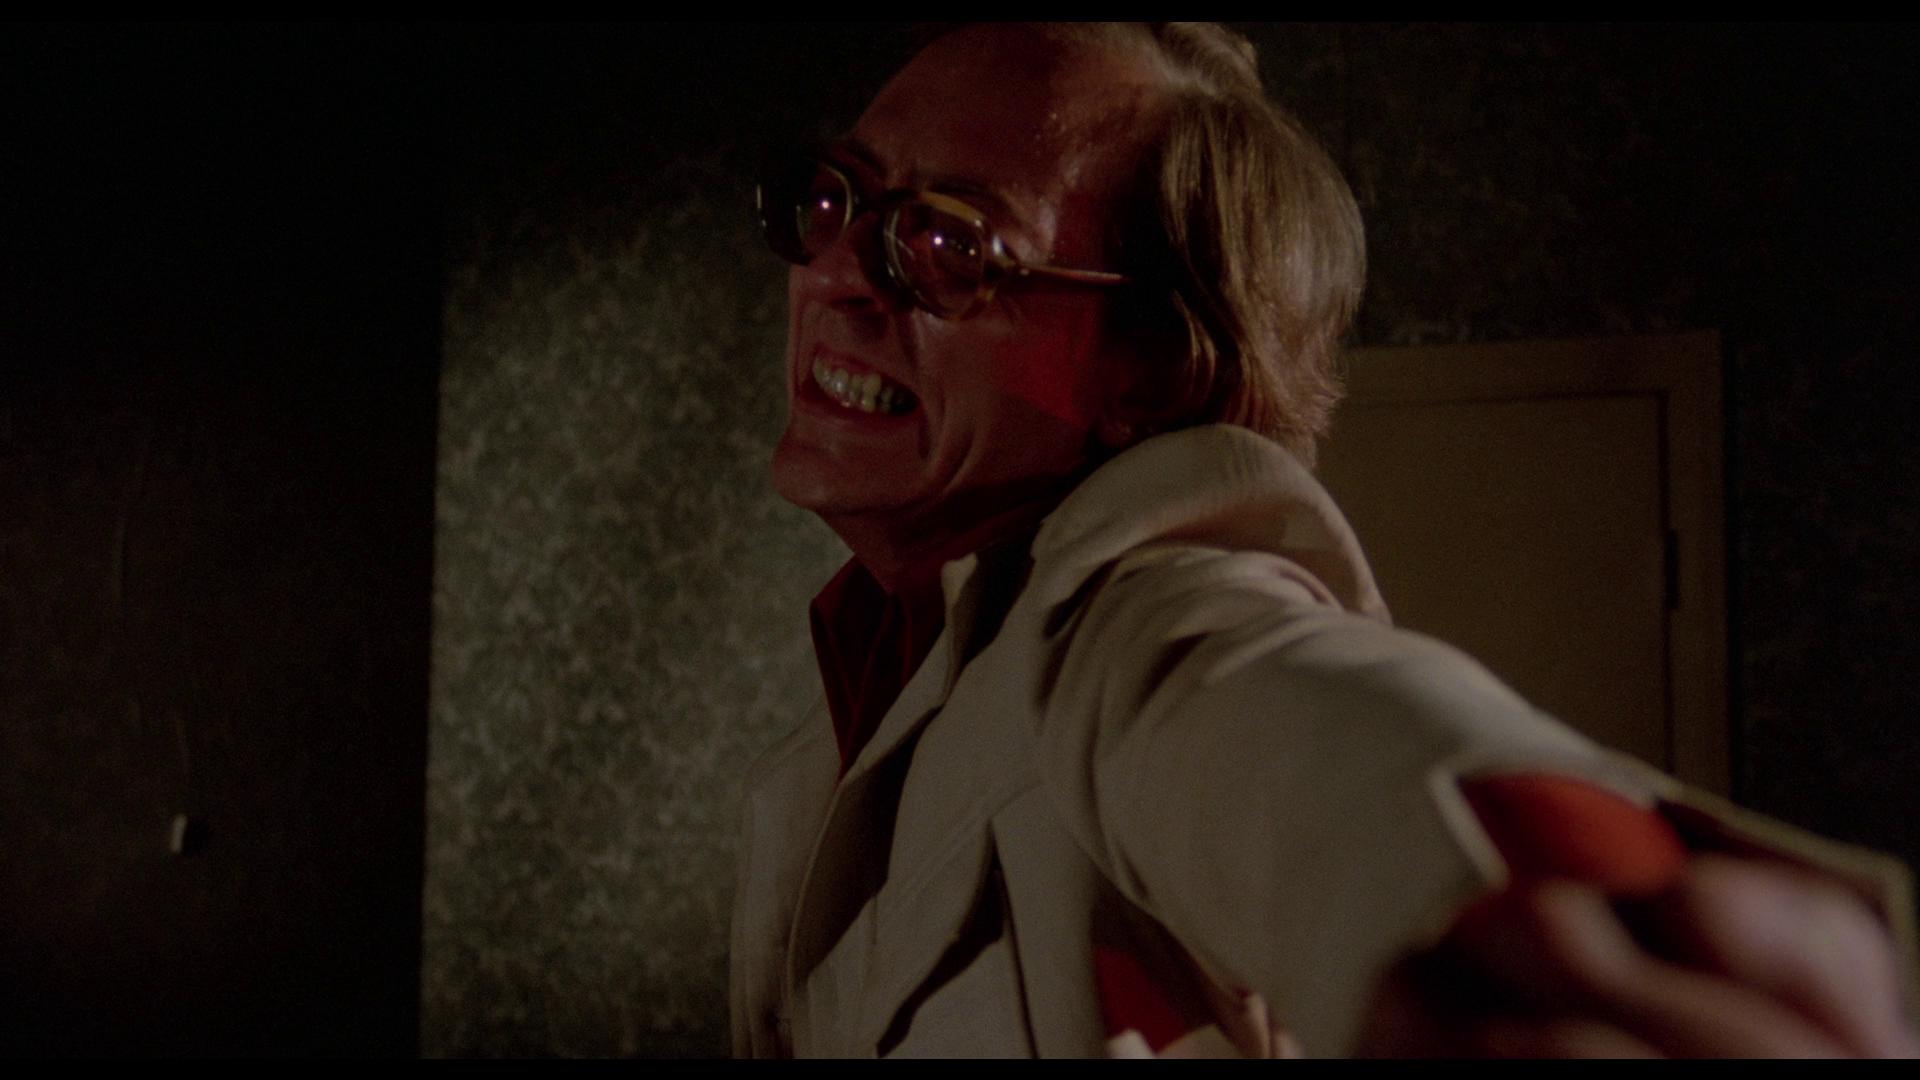 A powerful shot-reverse-shot between Burns and Finley.